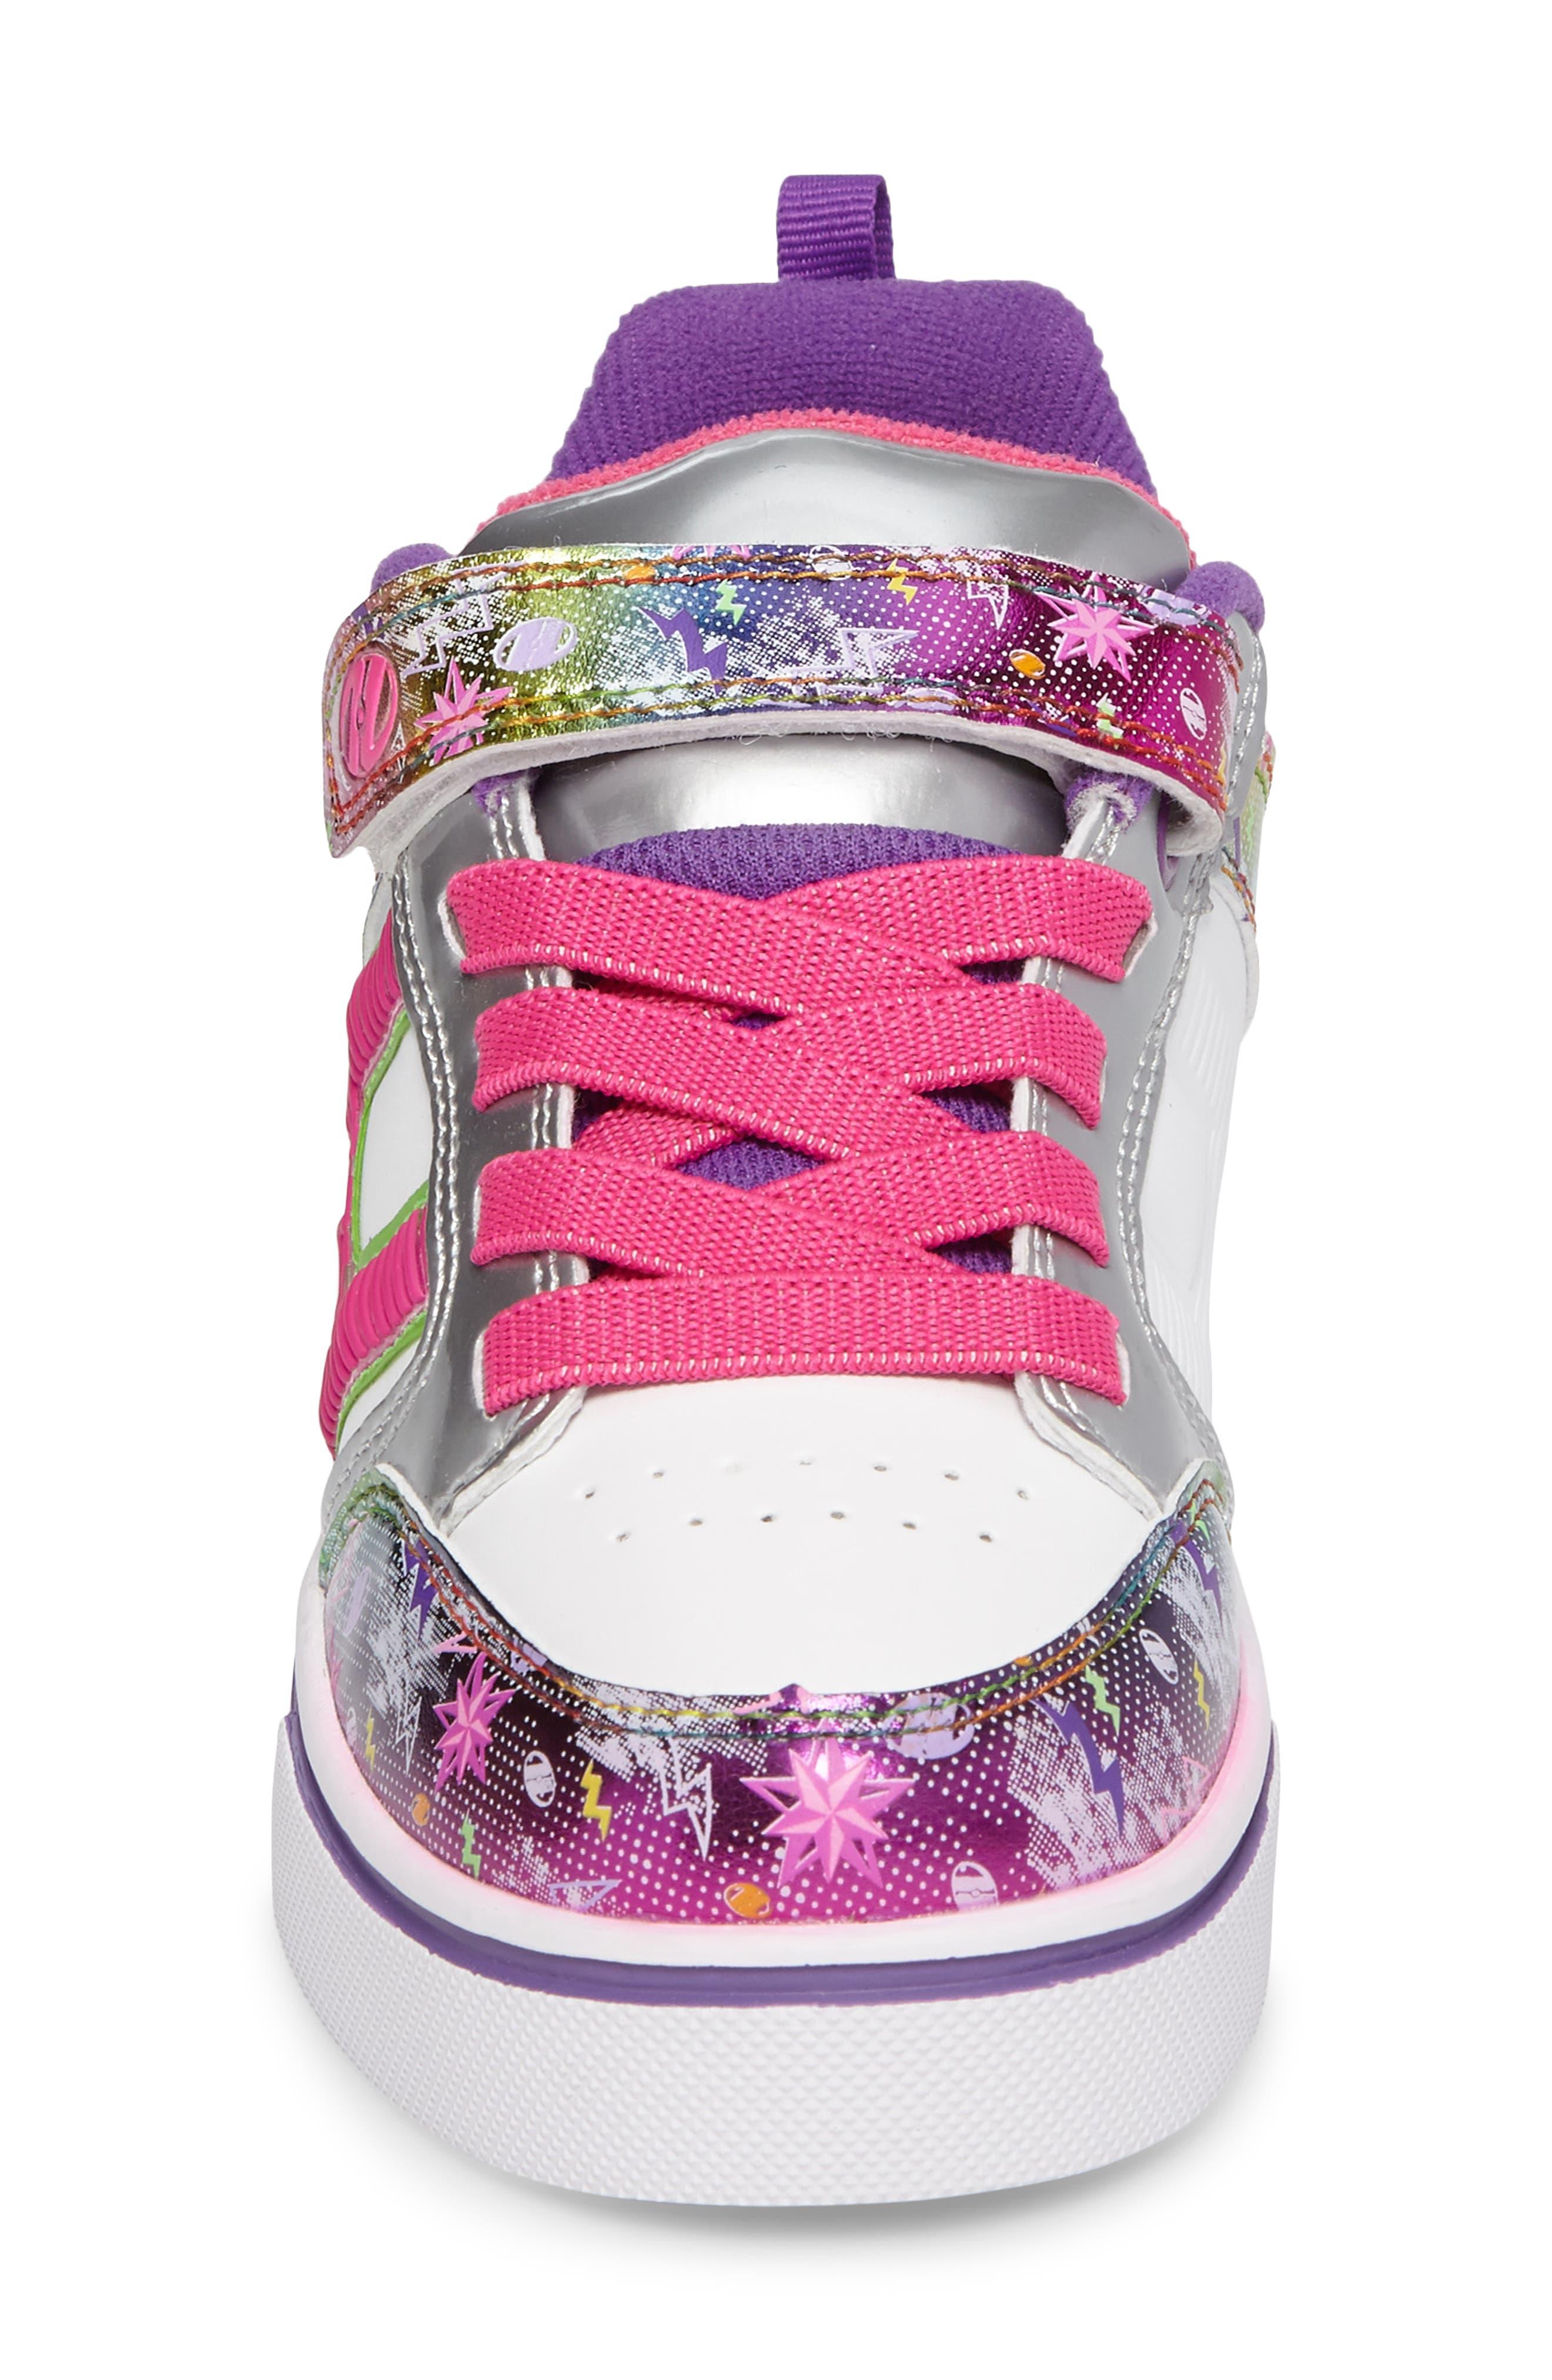 Bolt Plus X2 Light-Up Skate Sneaker,                             Alternate thumbnail 4, color,                             162